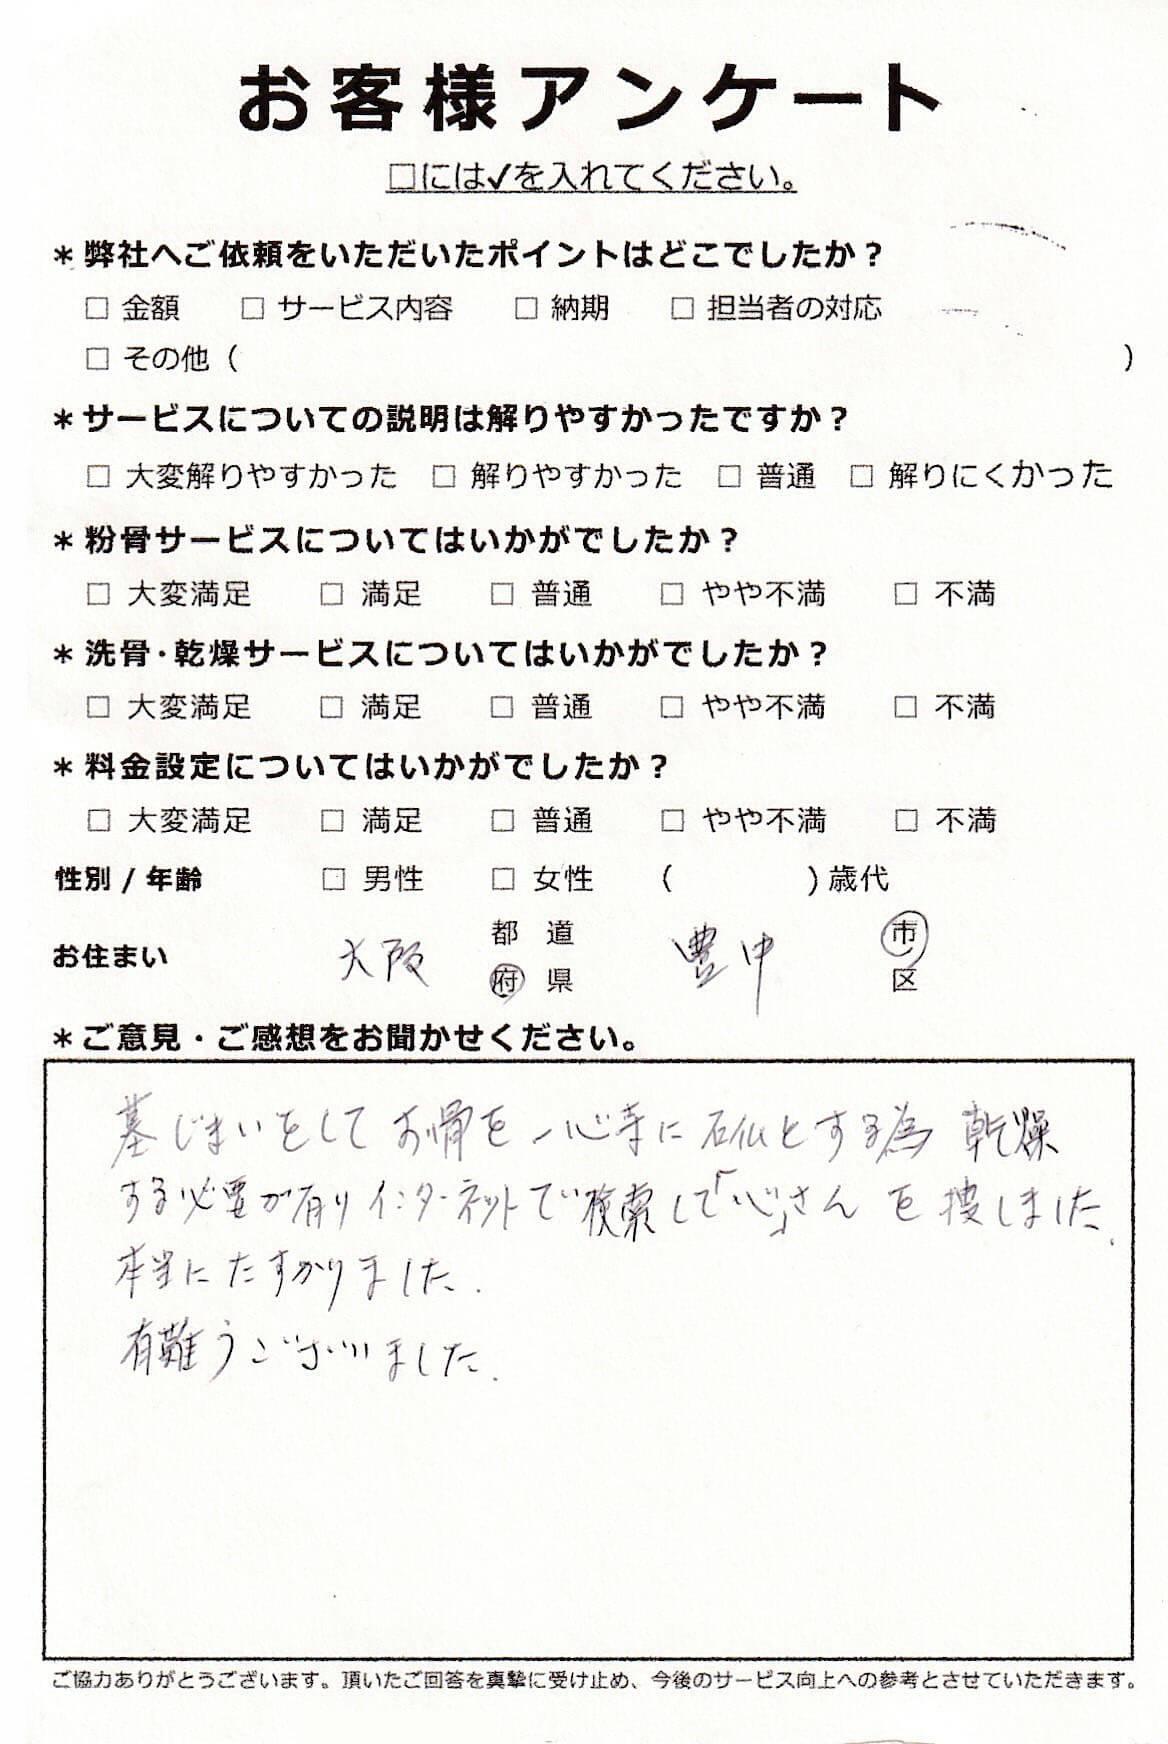 大阪府豊中市での散骨・乾燥サービス